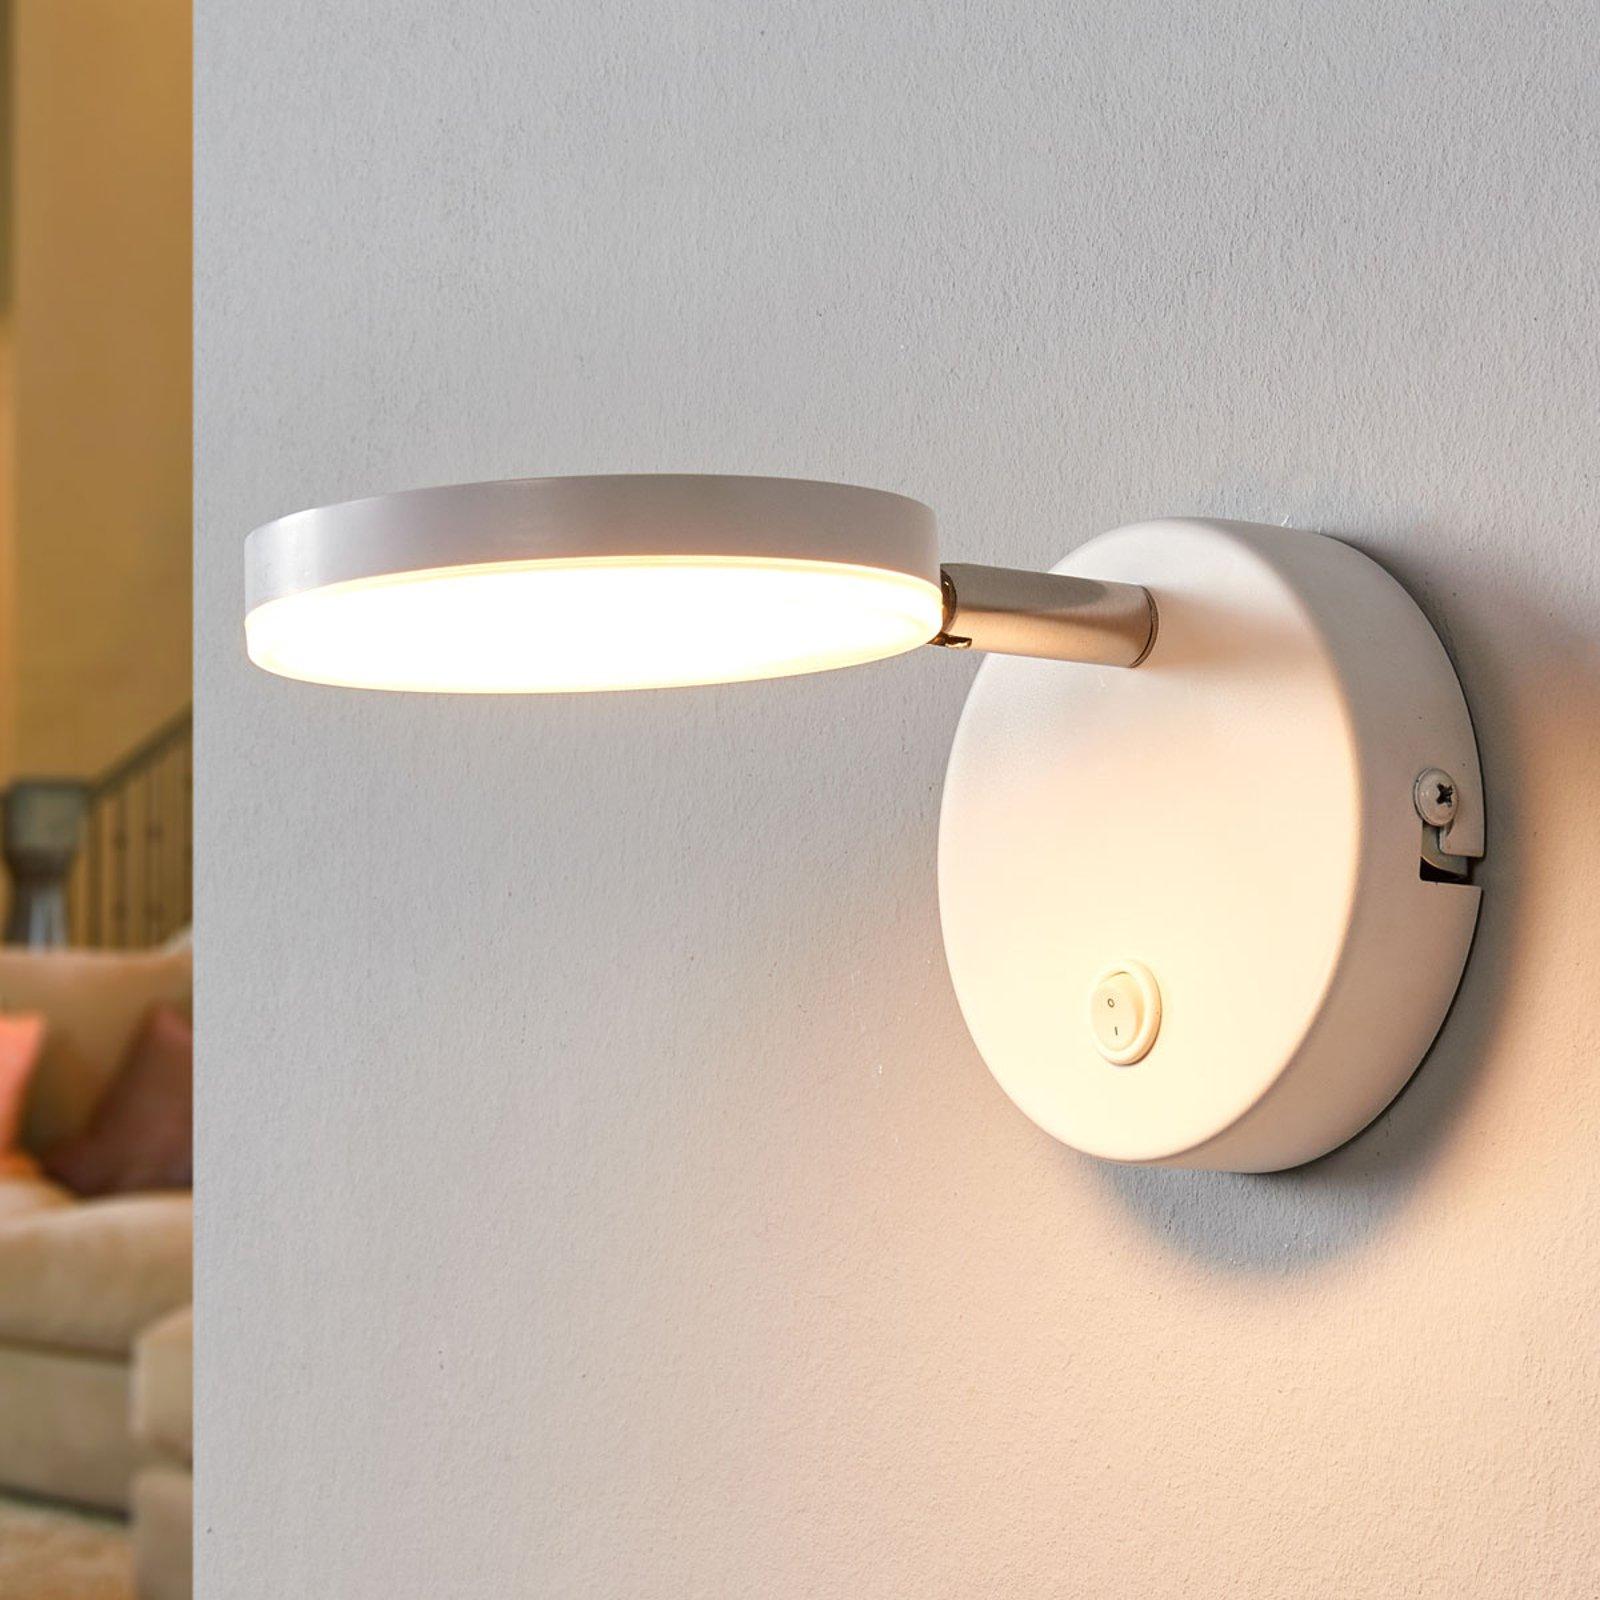 Milow hvit LED-vegglampe med bryter